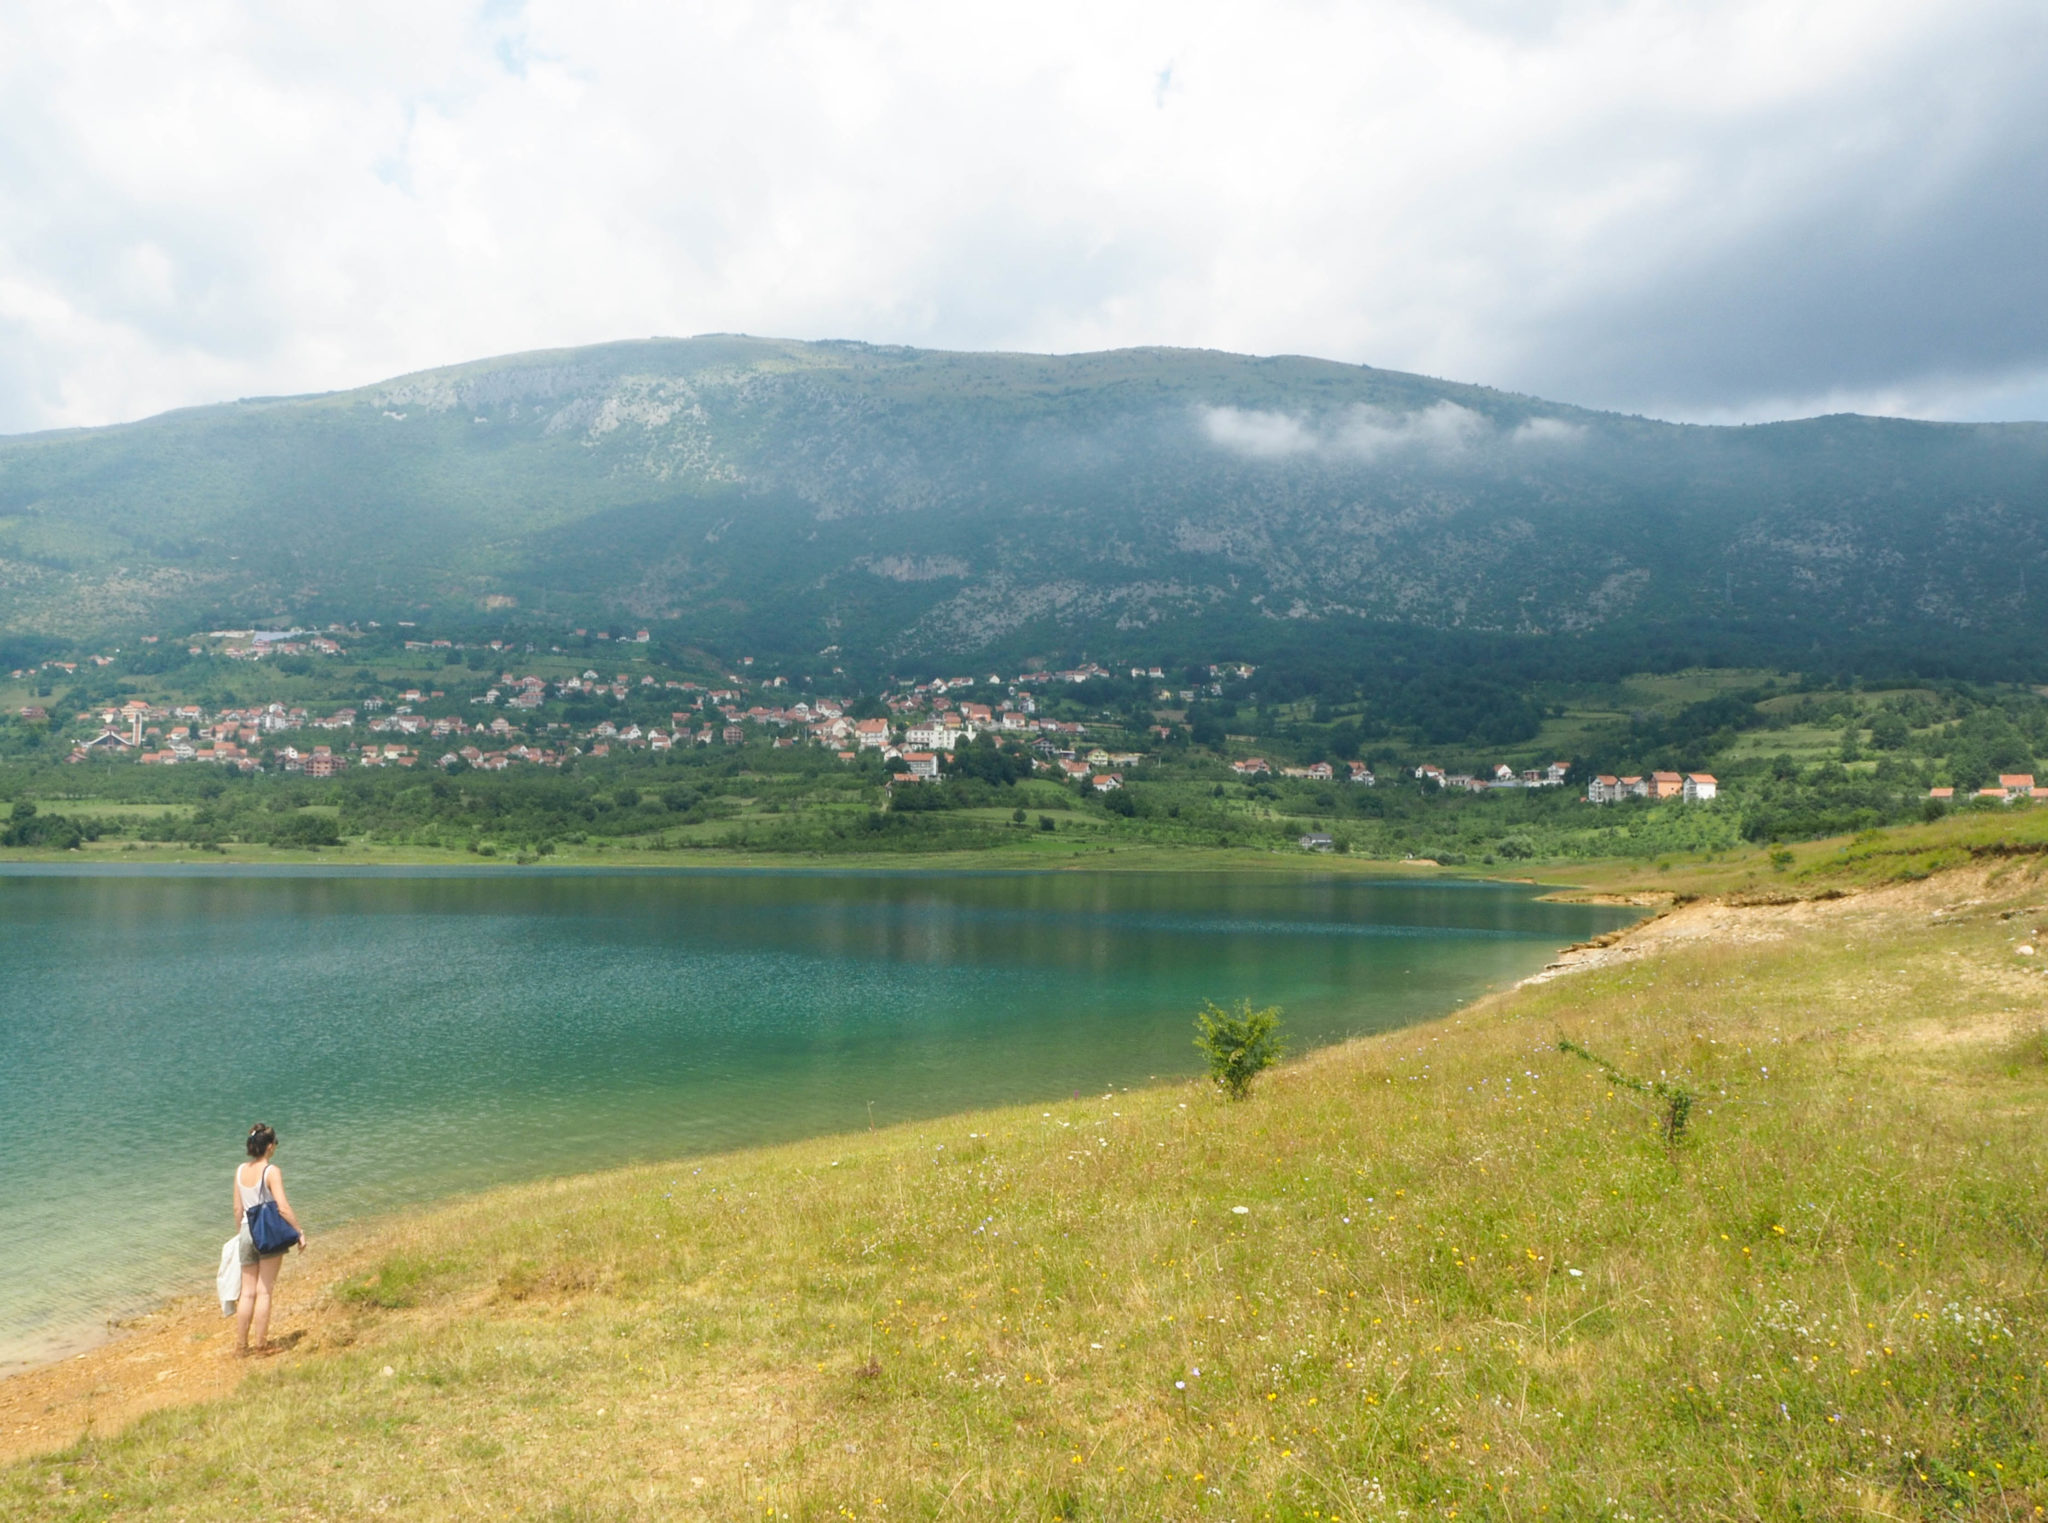 Les sublimes paysages et vues sur Ramsko Jezero, le lac de Rama en Bosnie-Herzégovine - Un été nomade en Bosnie - Voyages et Vagabondages, le blog du voyage en solo et au féminin